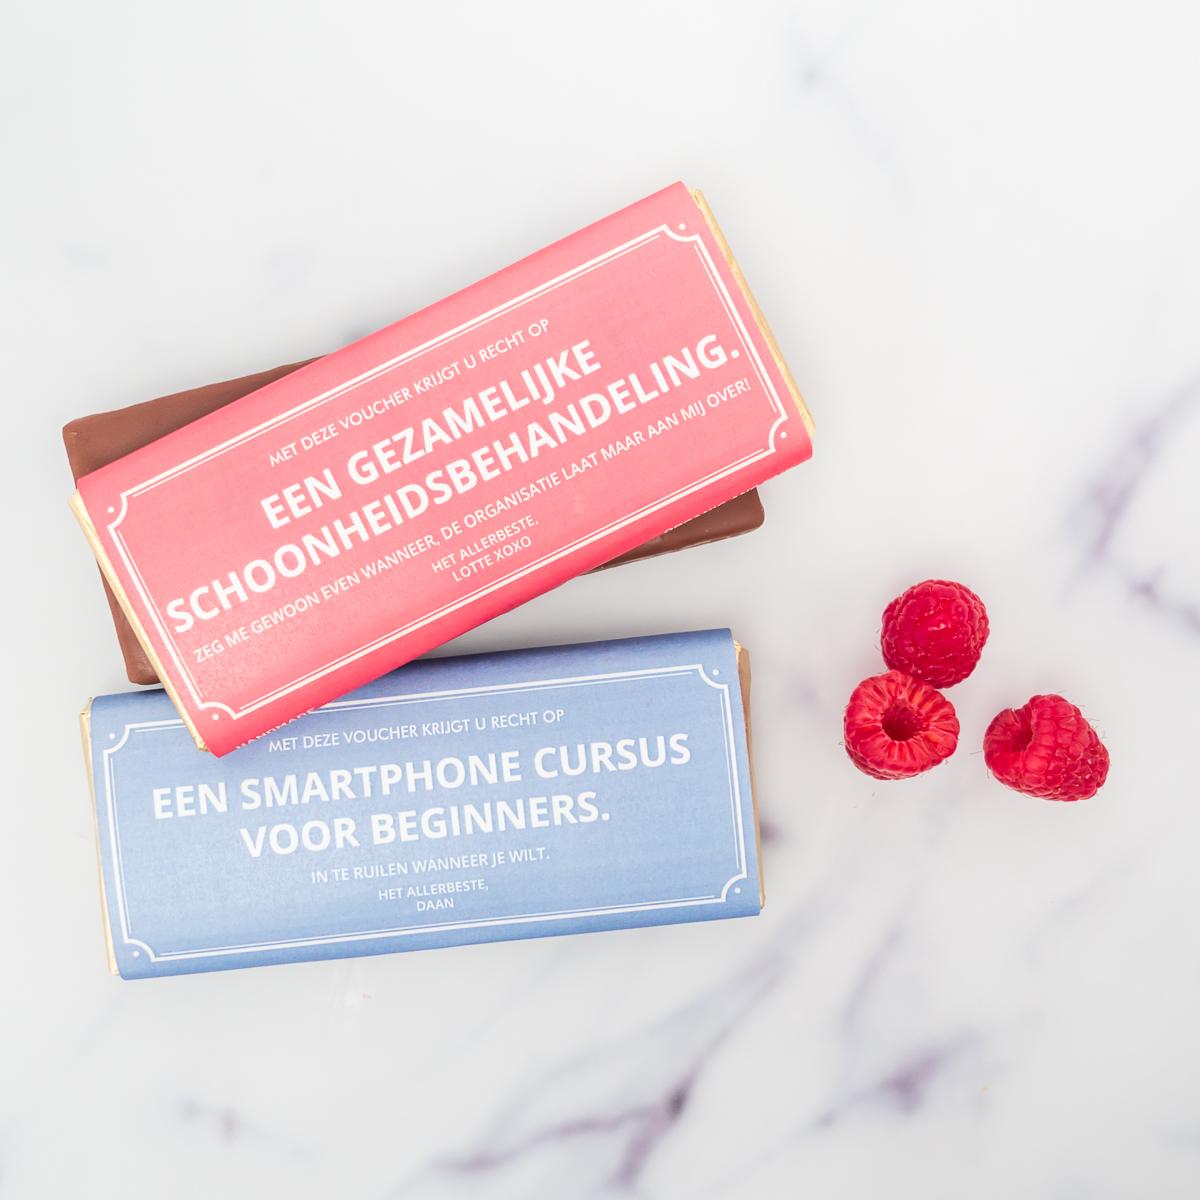 cadeau voor haar - gepersonaliseerde waardebon met chocolade